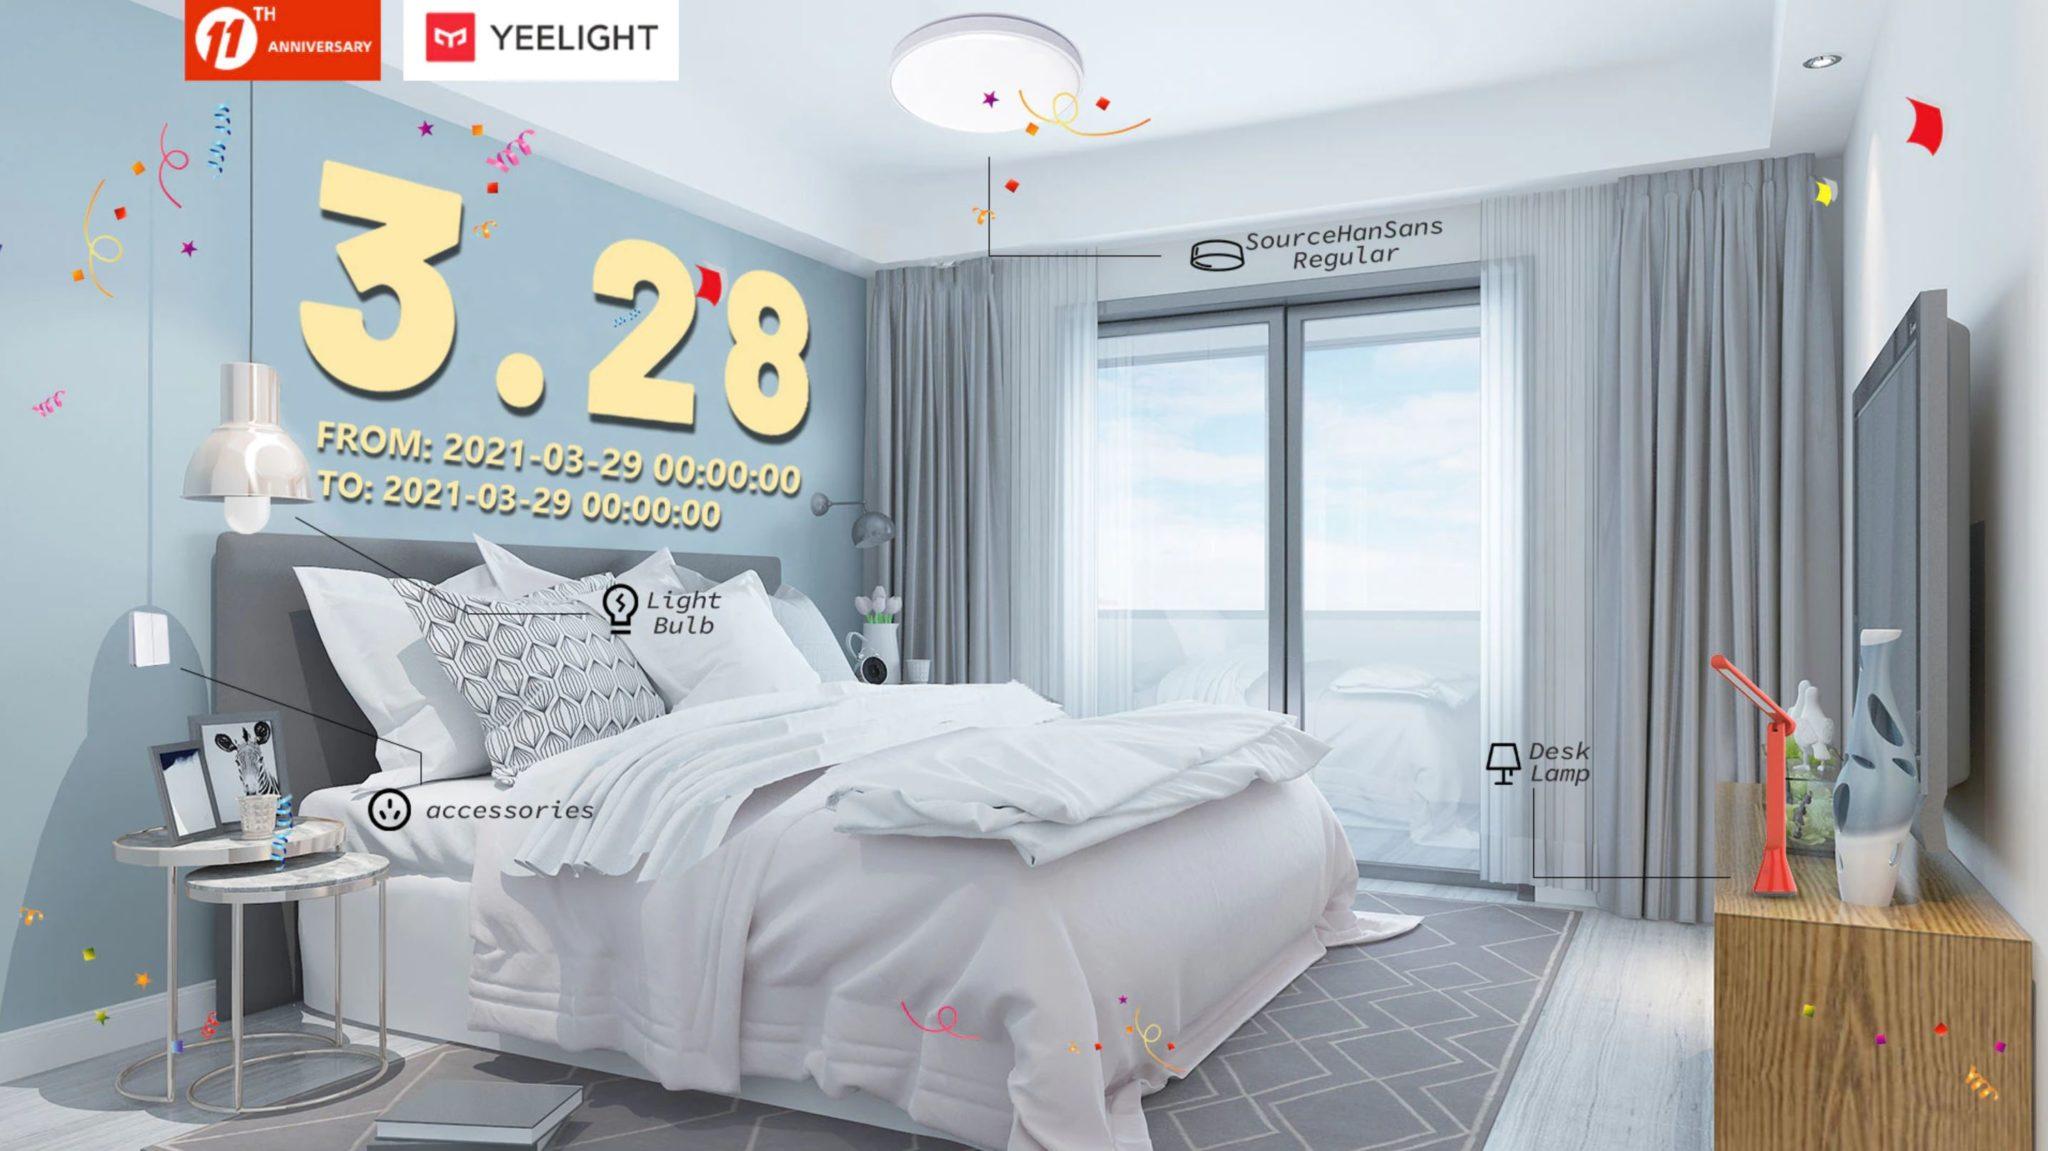 Rozświetl swój dom z Yeelight - świetna oferta na inteligentne żarówki, lampy i plafony